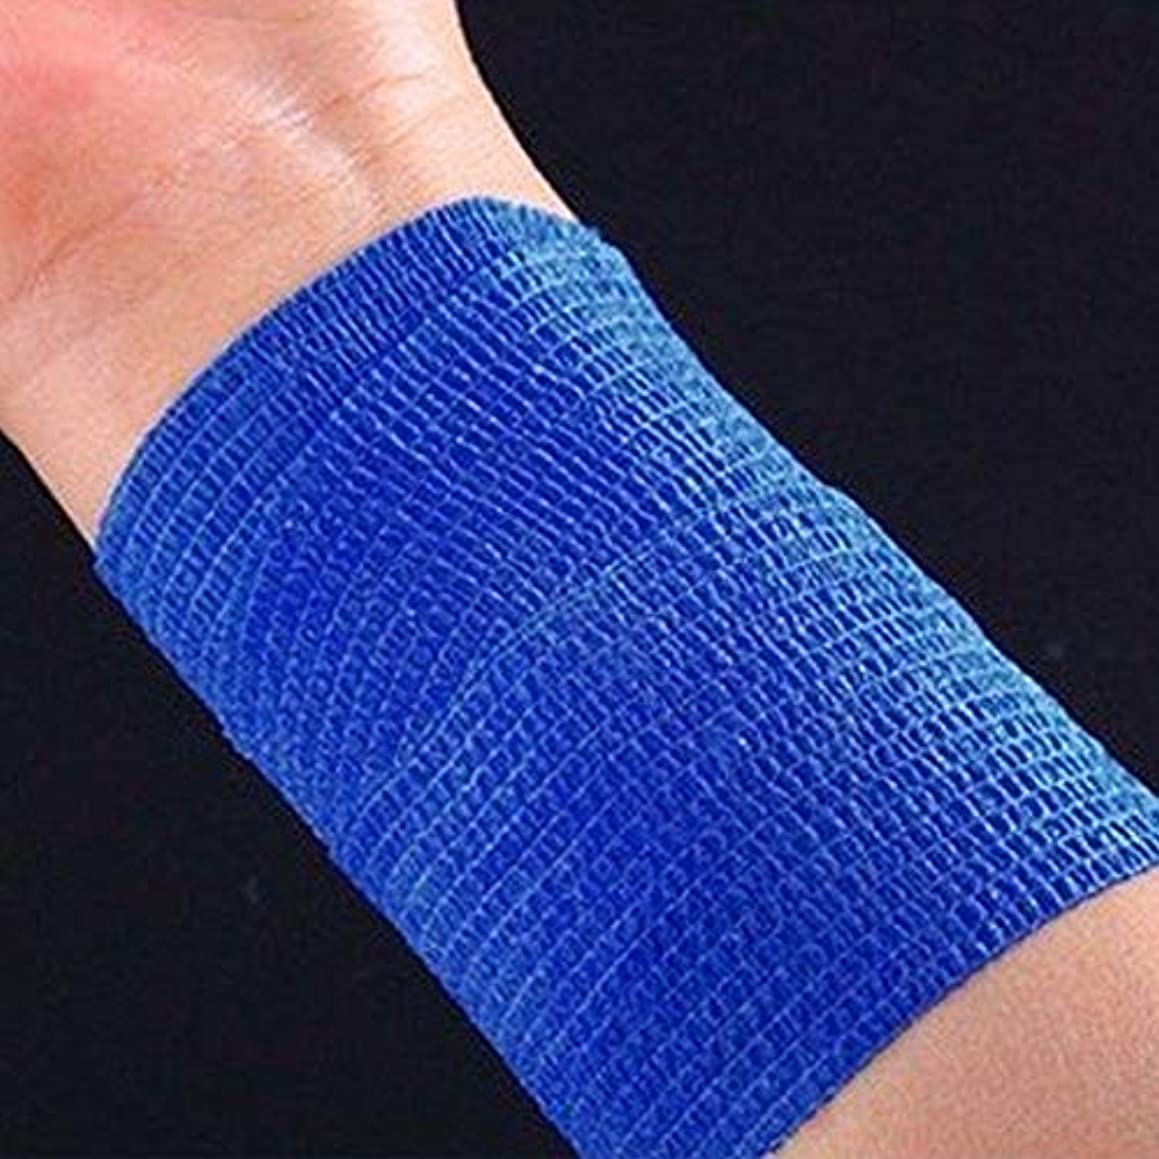 旅客不変聞きますPichidr-JP 自己接着包帯足首の捻挫、腫れや手首のための2インチの便利な弾性包帯